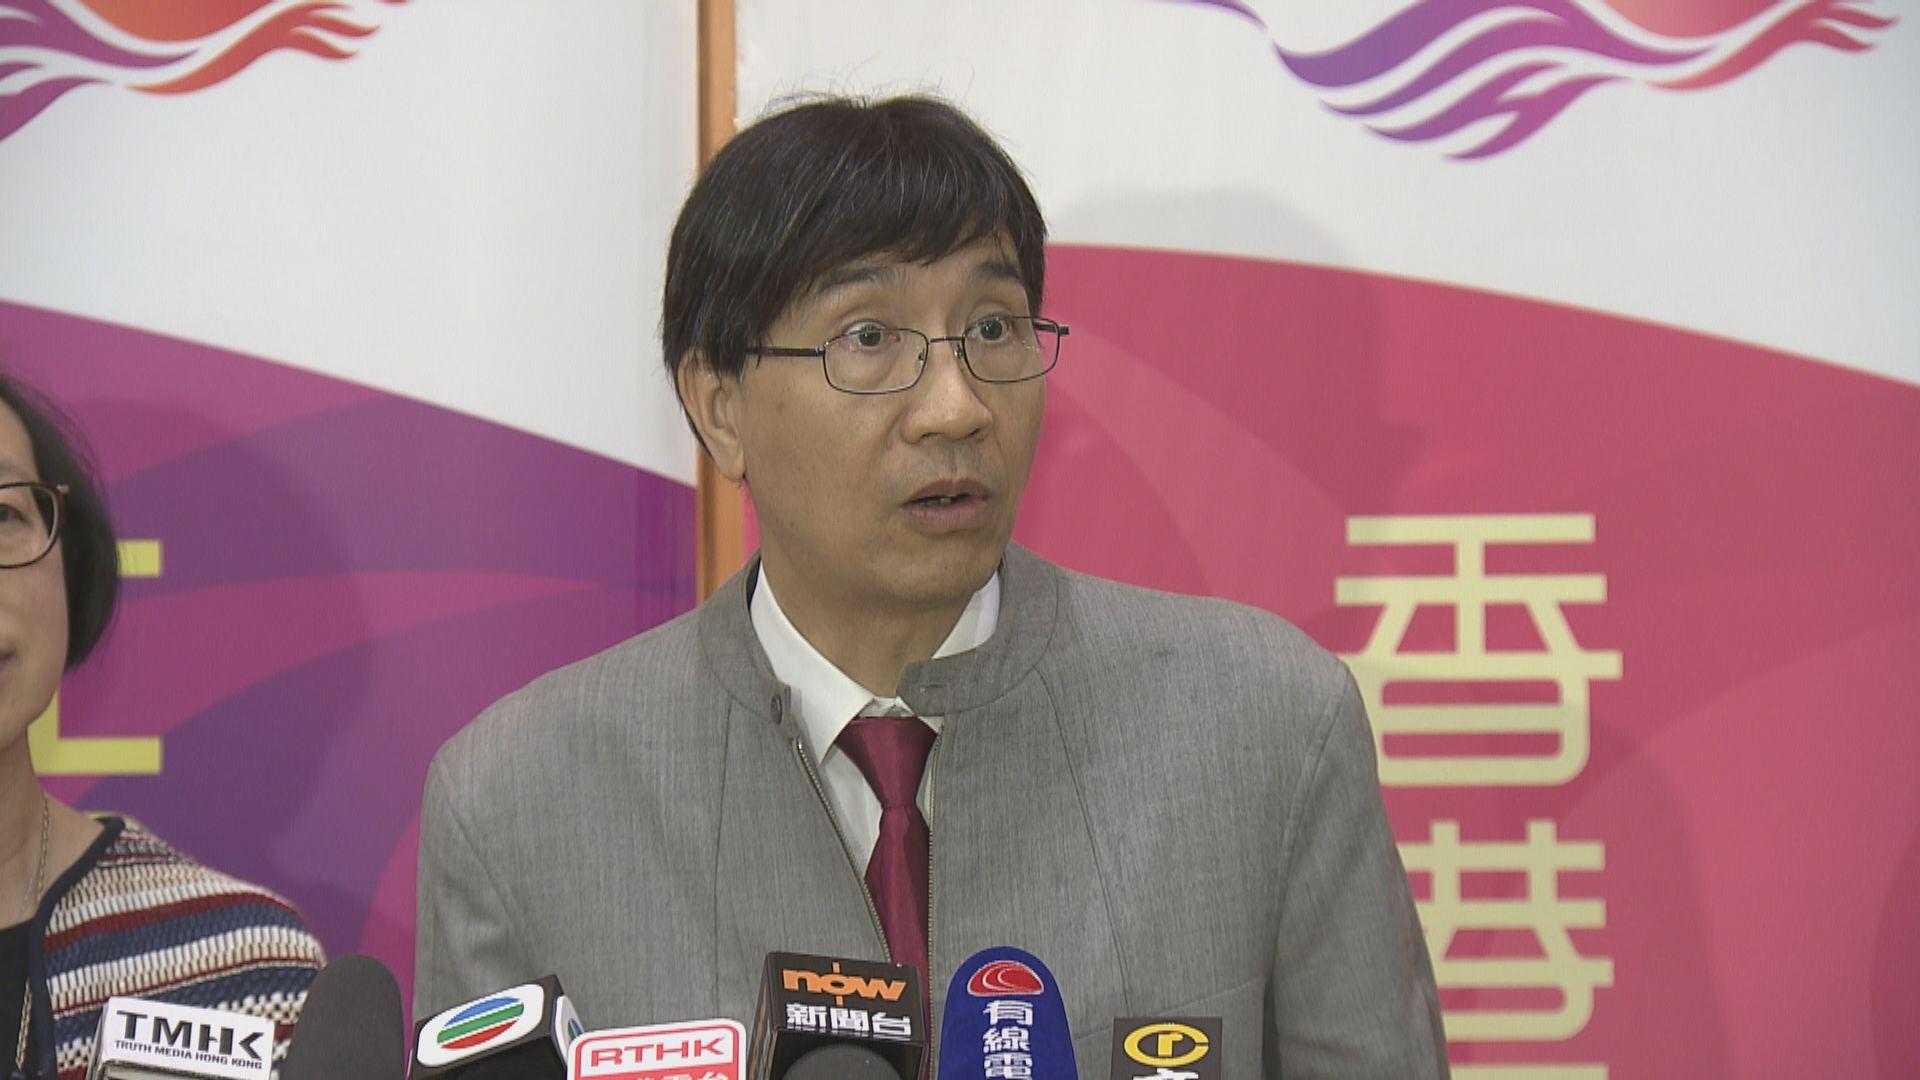 袁國勇:不排除病毒是類似沙士的新發性傳染病